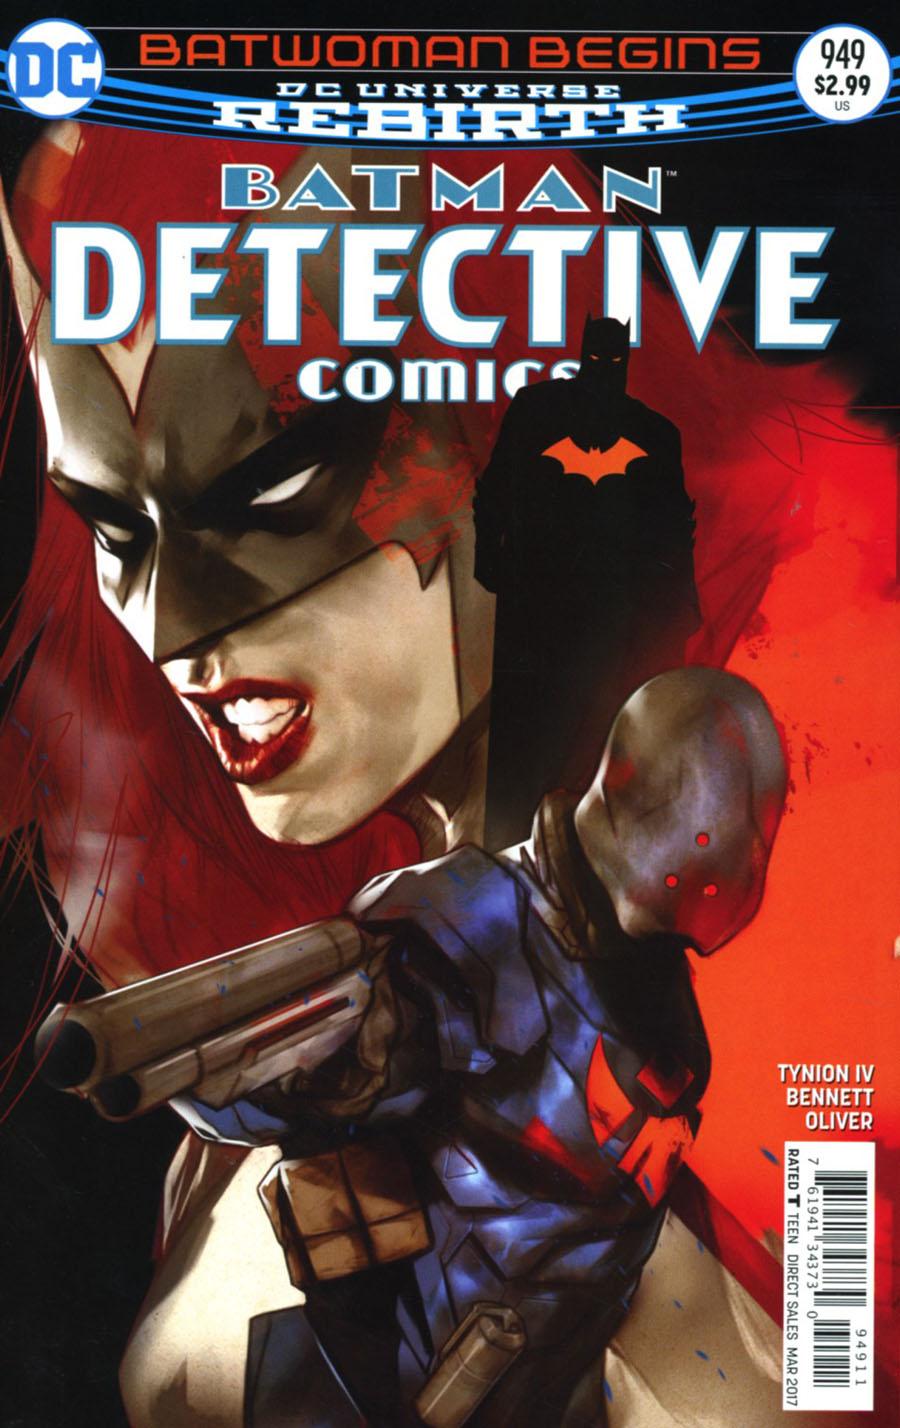 Detective Comics Vol 2 #949 Cover A Regular Ben Oliver Cover